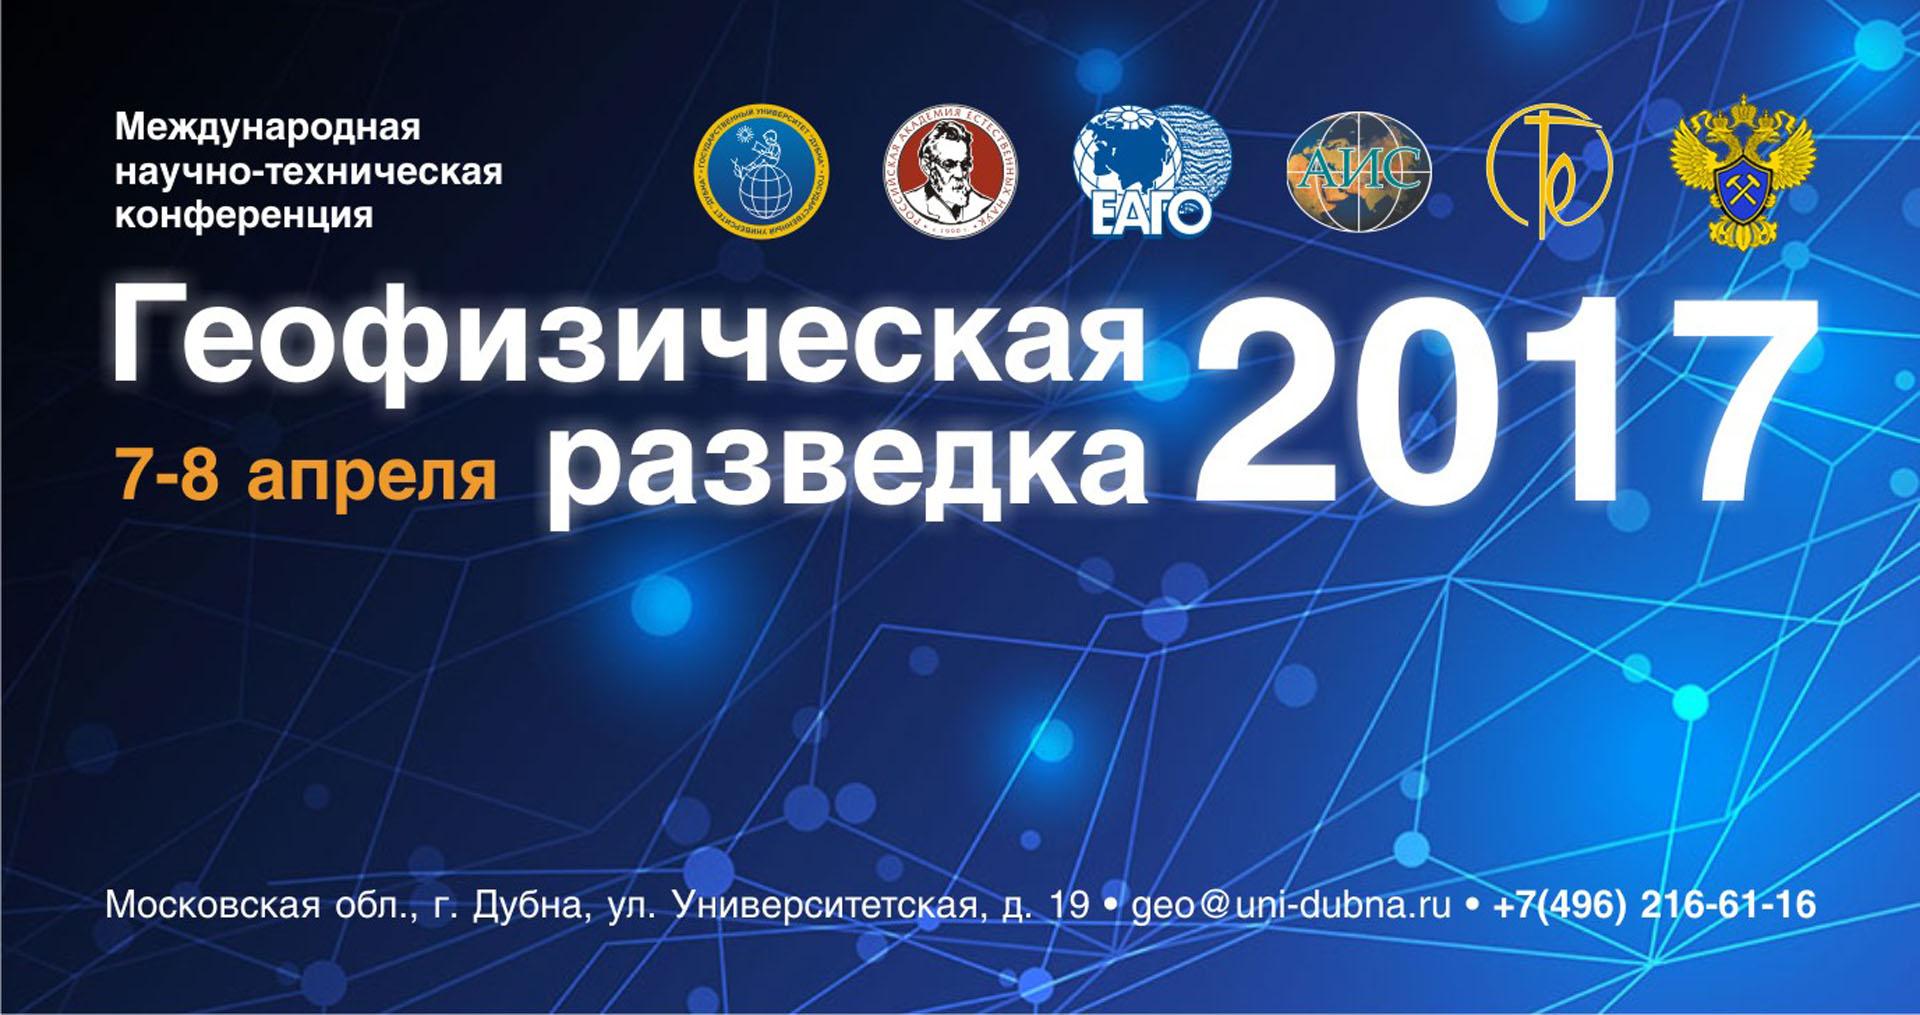 Международная научно-техническая конференция «Геофизическая разведка – 2017»